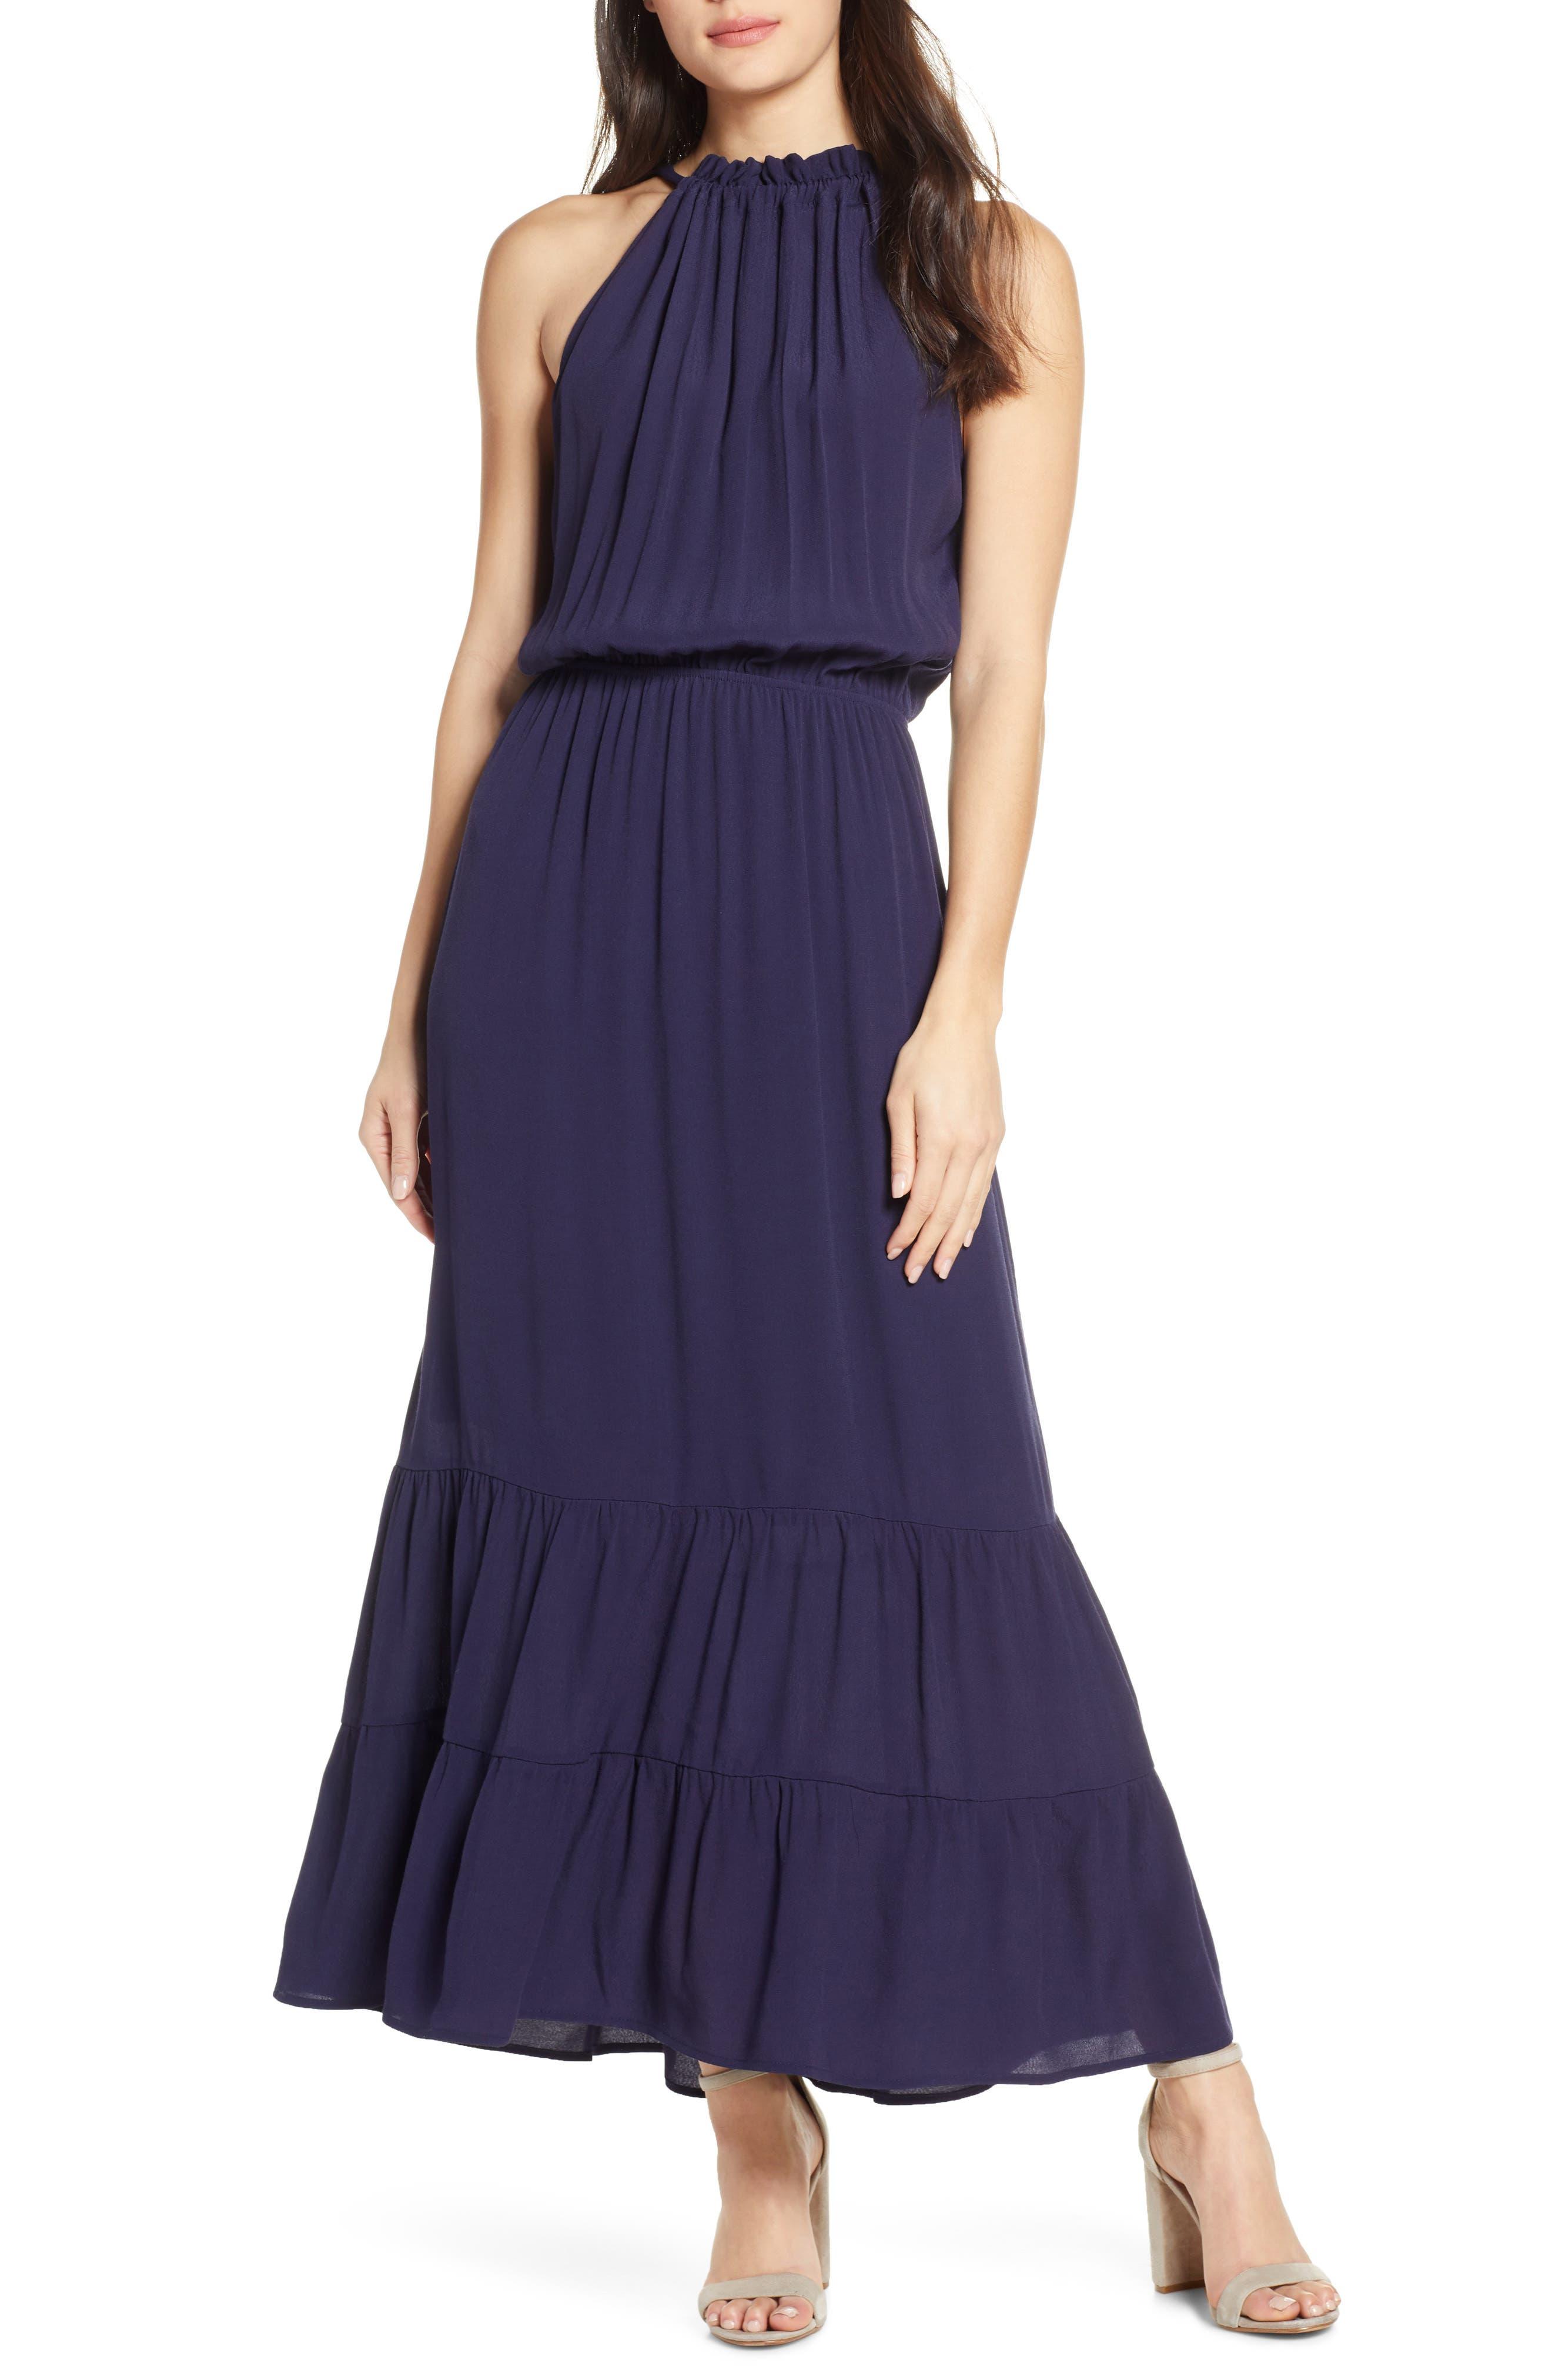 Fraiche By J Tie Back Blouson Dress, Blue